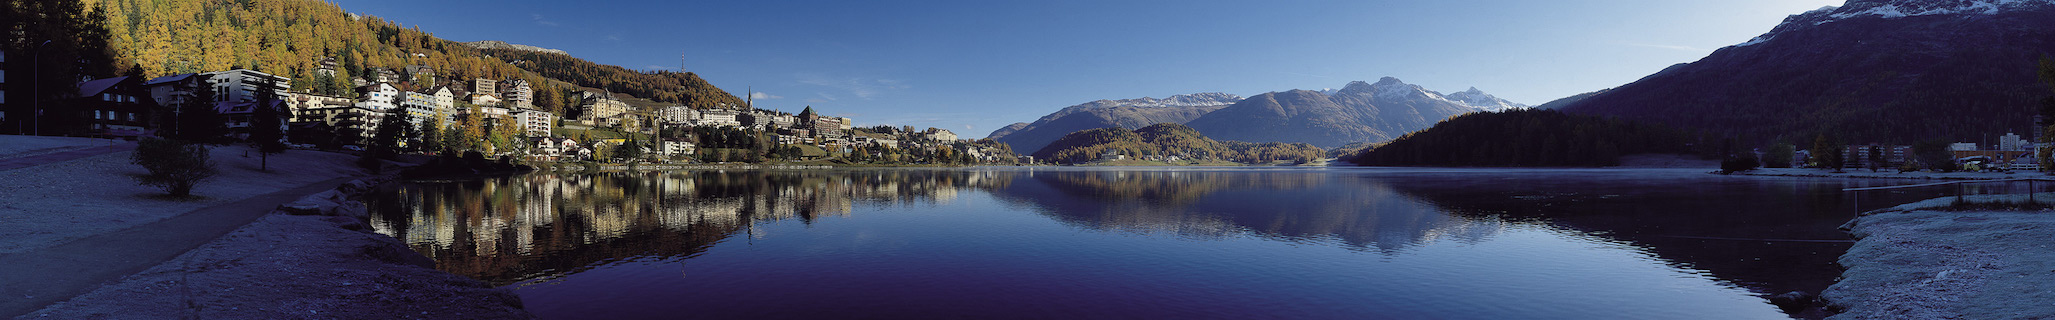 Udur_St-Moritz_Sommer-Engiadiana